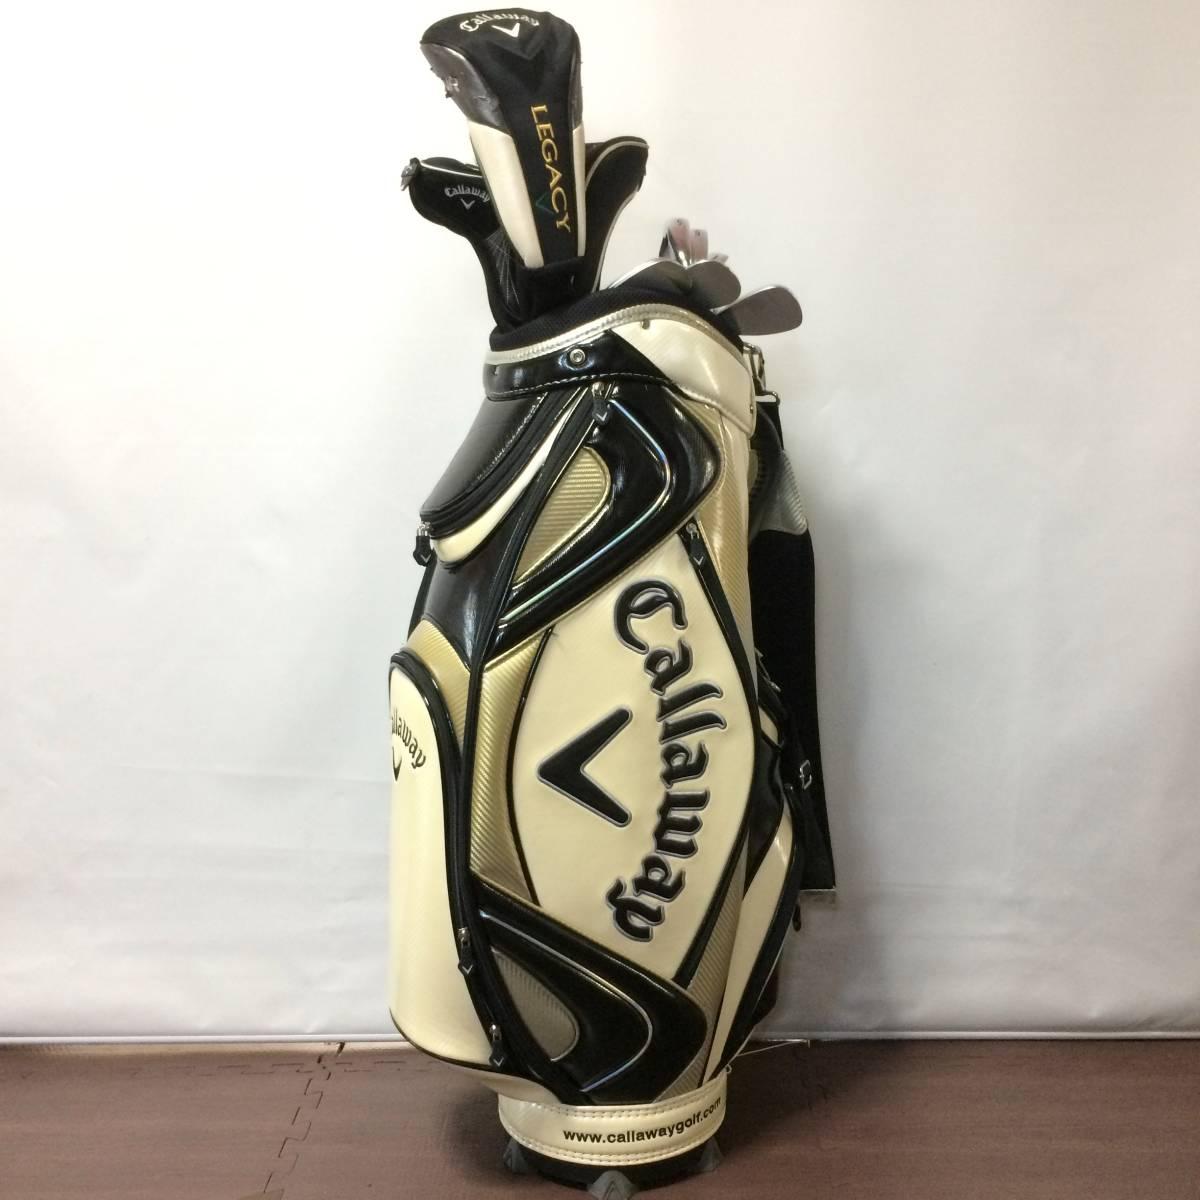 ゴルフクラブ セット キャロウェイ レガシー フォーティーン RM-11 テーラーメイド ROSSA